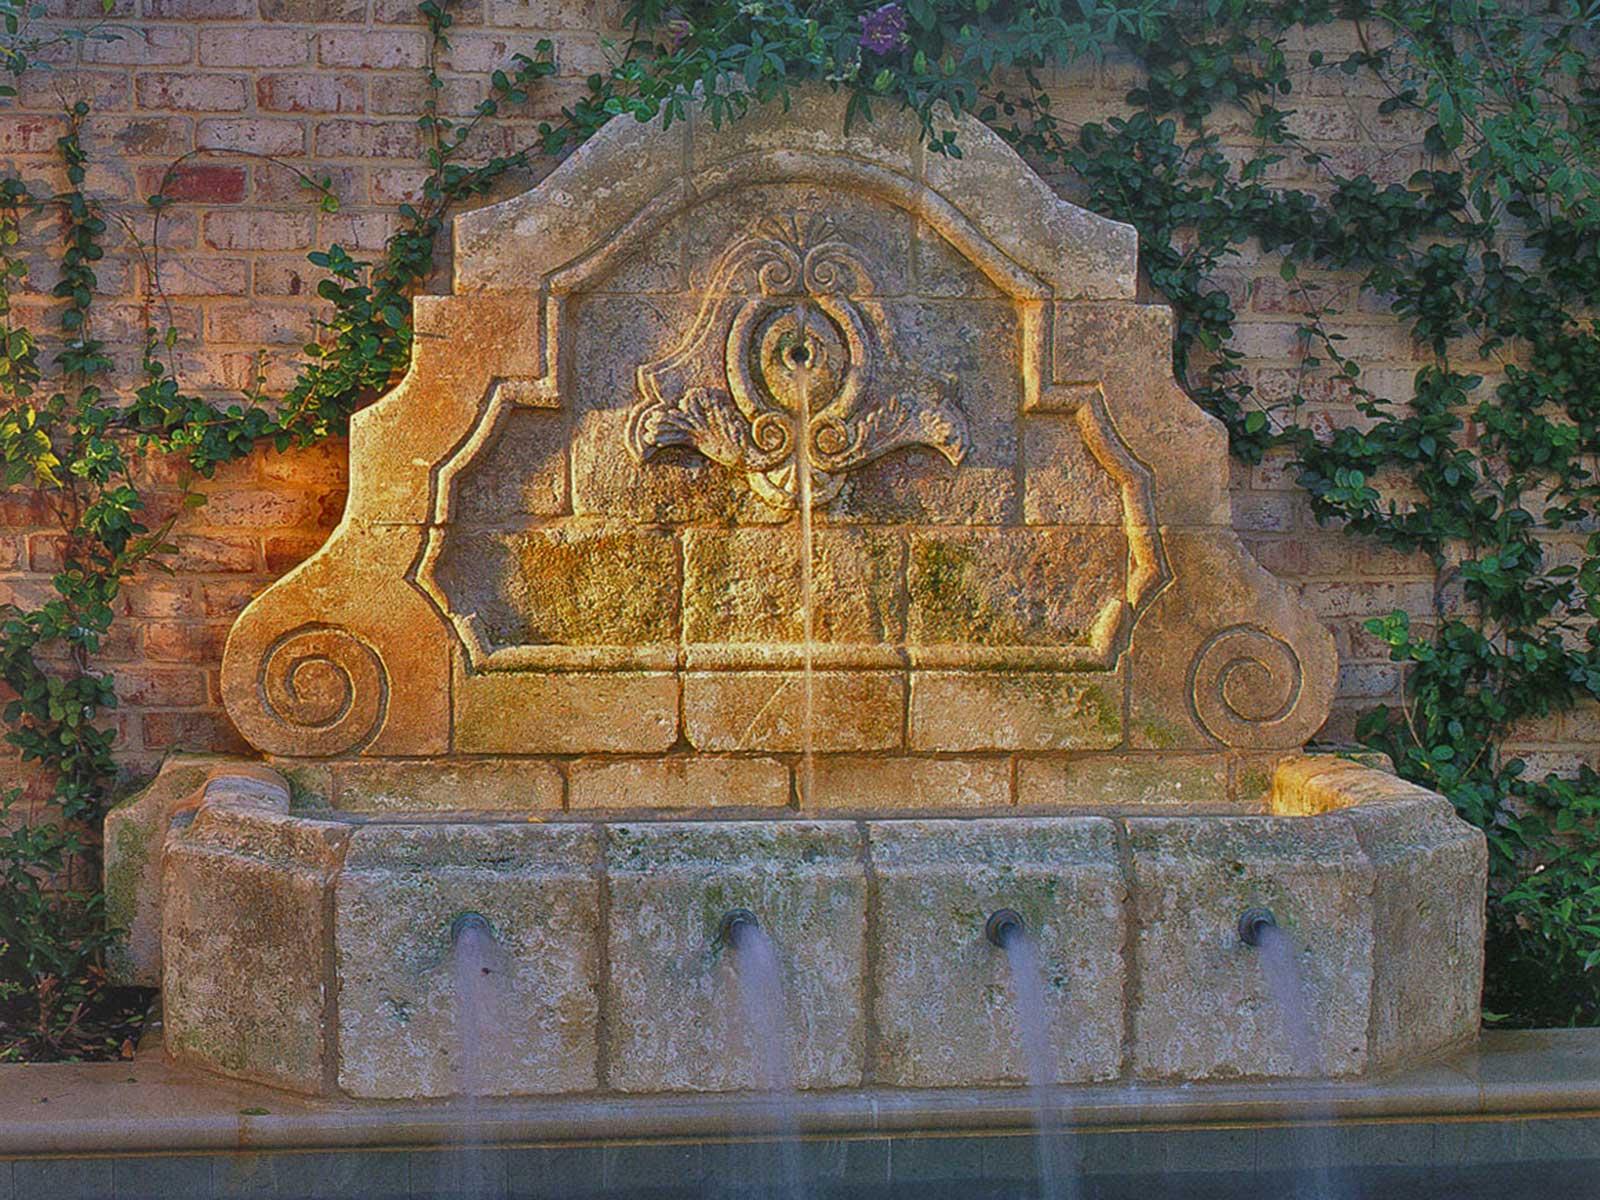 highland-park-residence-wall-fountain.jpg